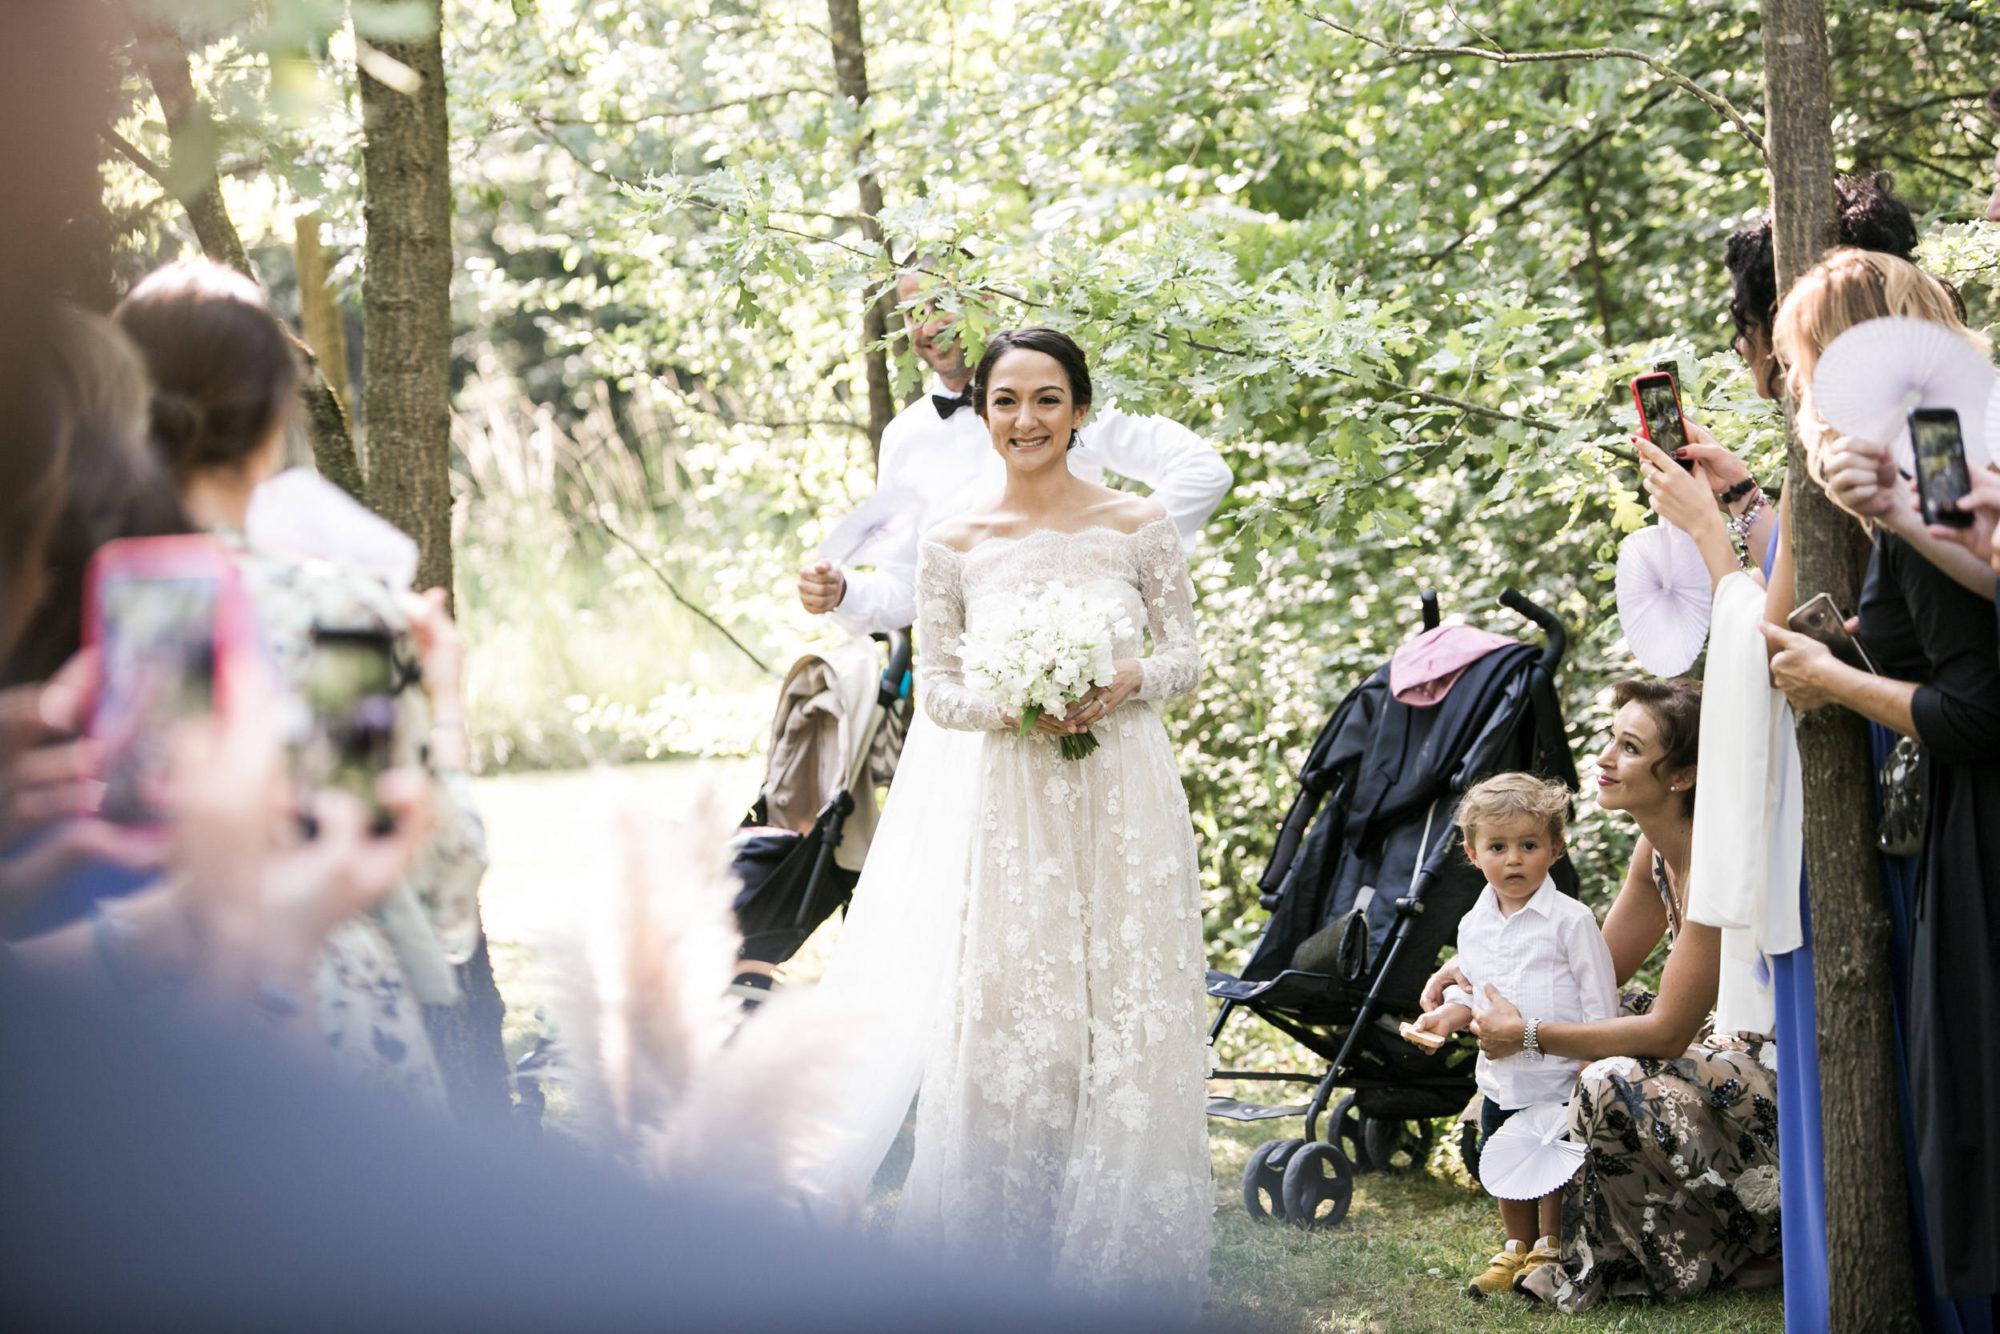 matrimonio_convento_annunciata_BA-033